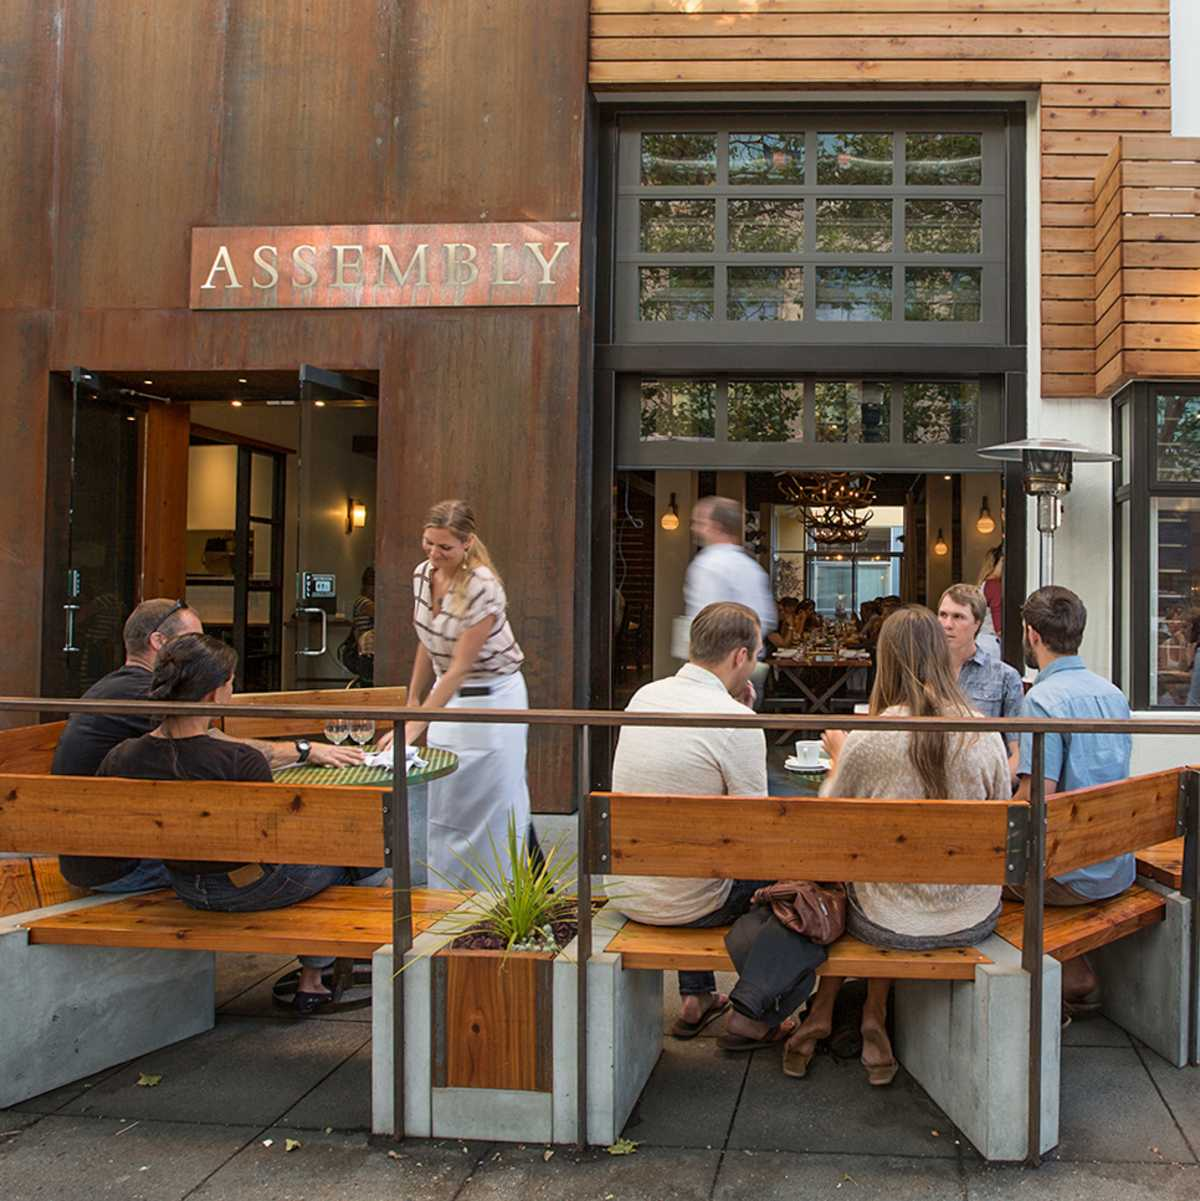 Die Sommerzeit mit Freunden im Assembly Restaurant in Santa Cruz genießen